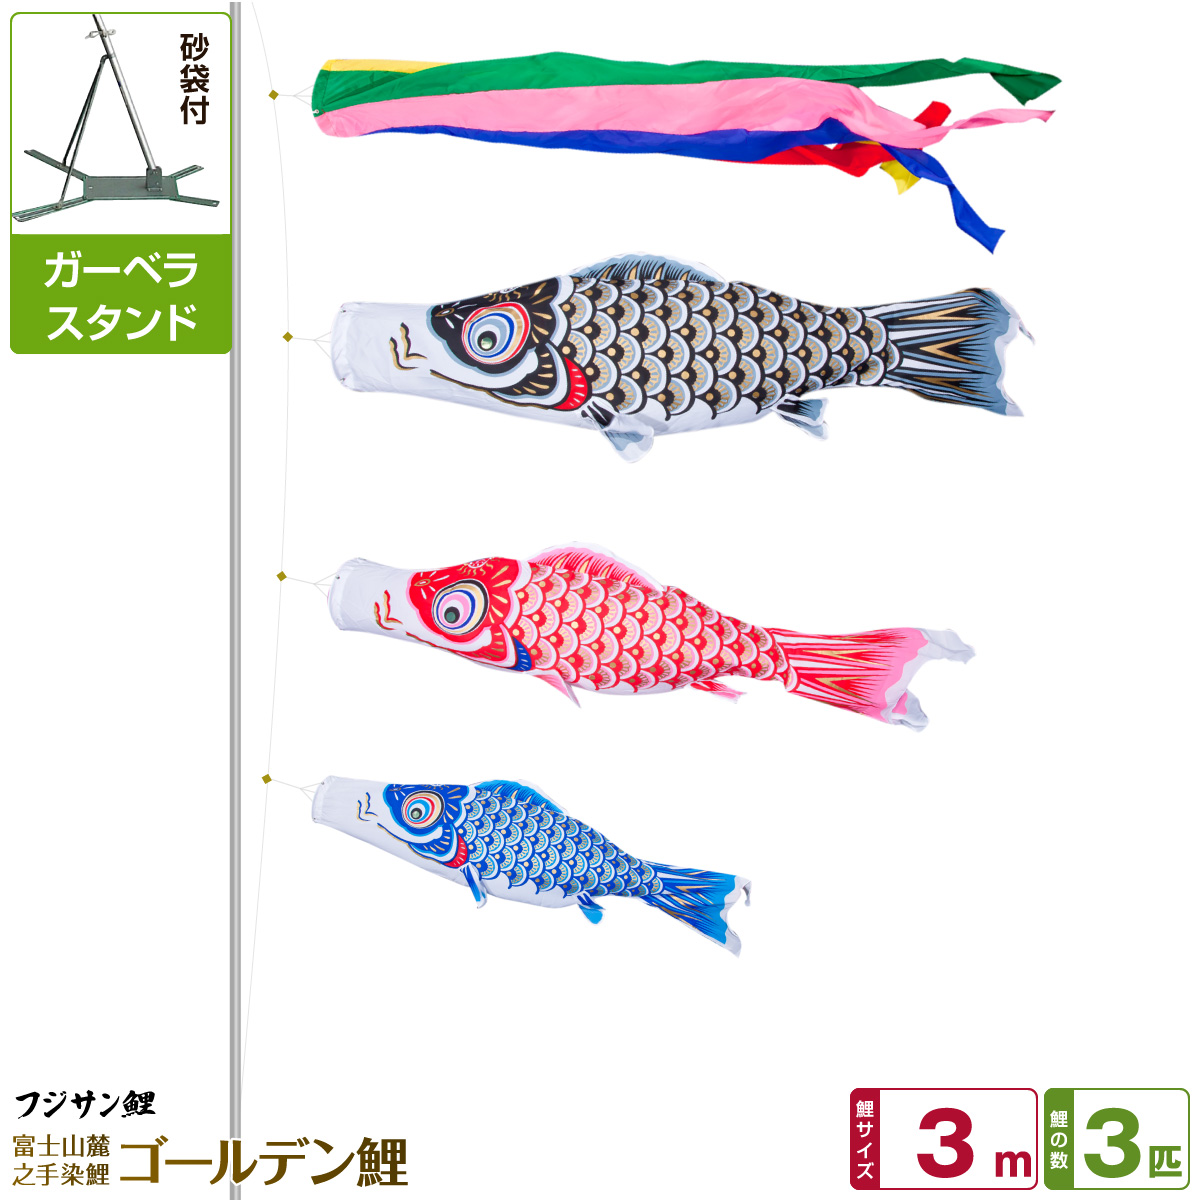 ベランダ用 こいのぼり 鯉のぼり フジサン鯉 ゴールデン鯉 3m 6点(吹流し+鯉3匹+矢車+ロープ)/ガーベラセット(庭・ベランダ兼用スタンド)